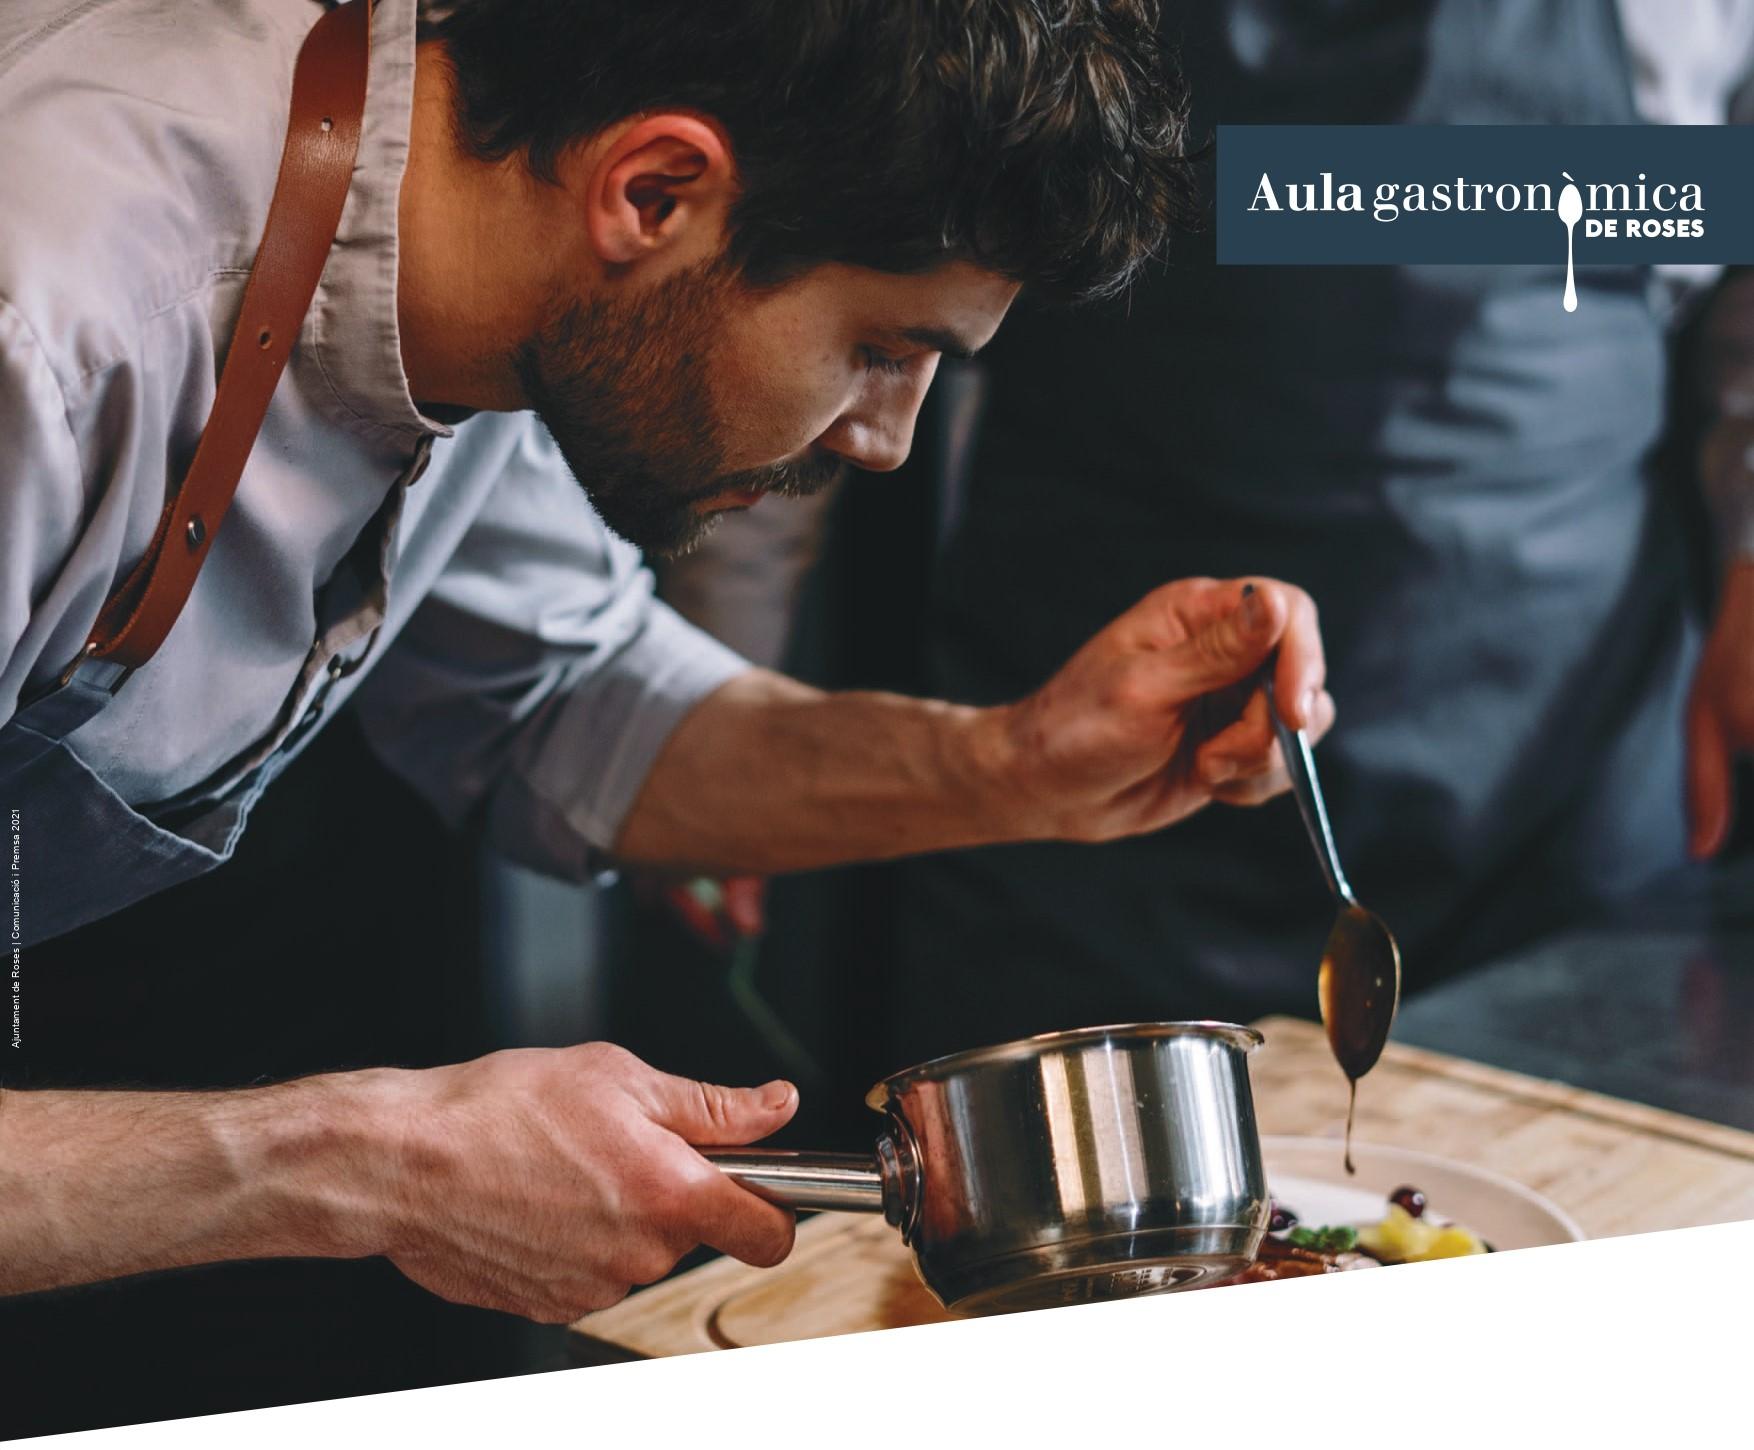 L'Aula Gastronòmica de Roses acollirà un curs de cuina per a joves inscrits al sistema de Garantia Juvenil